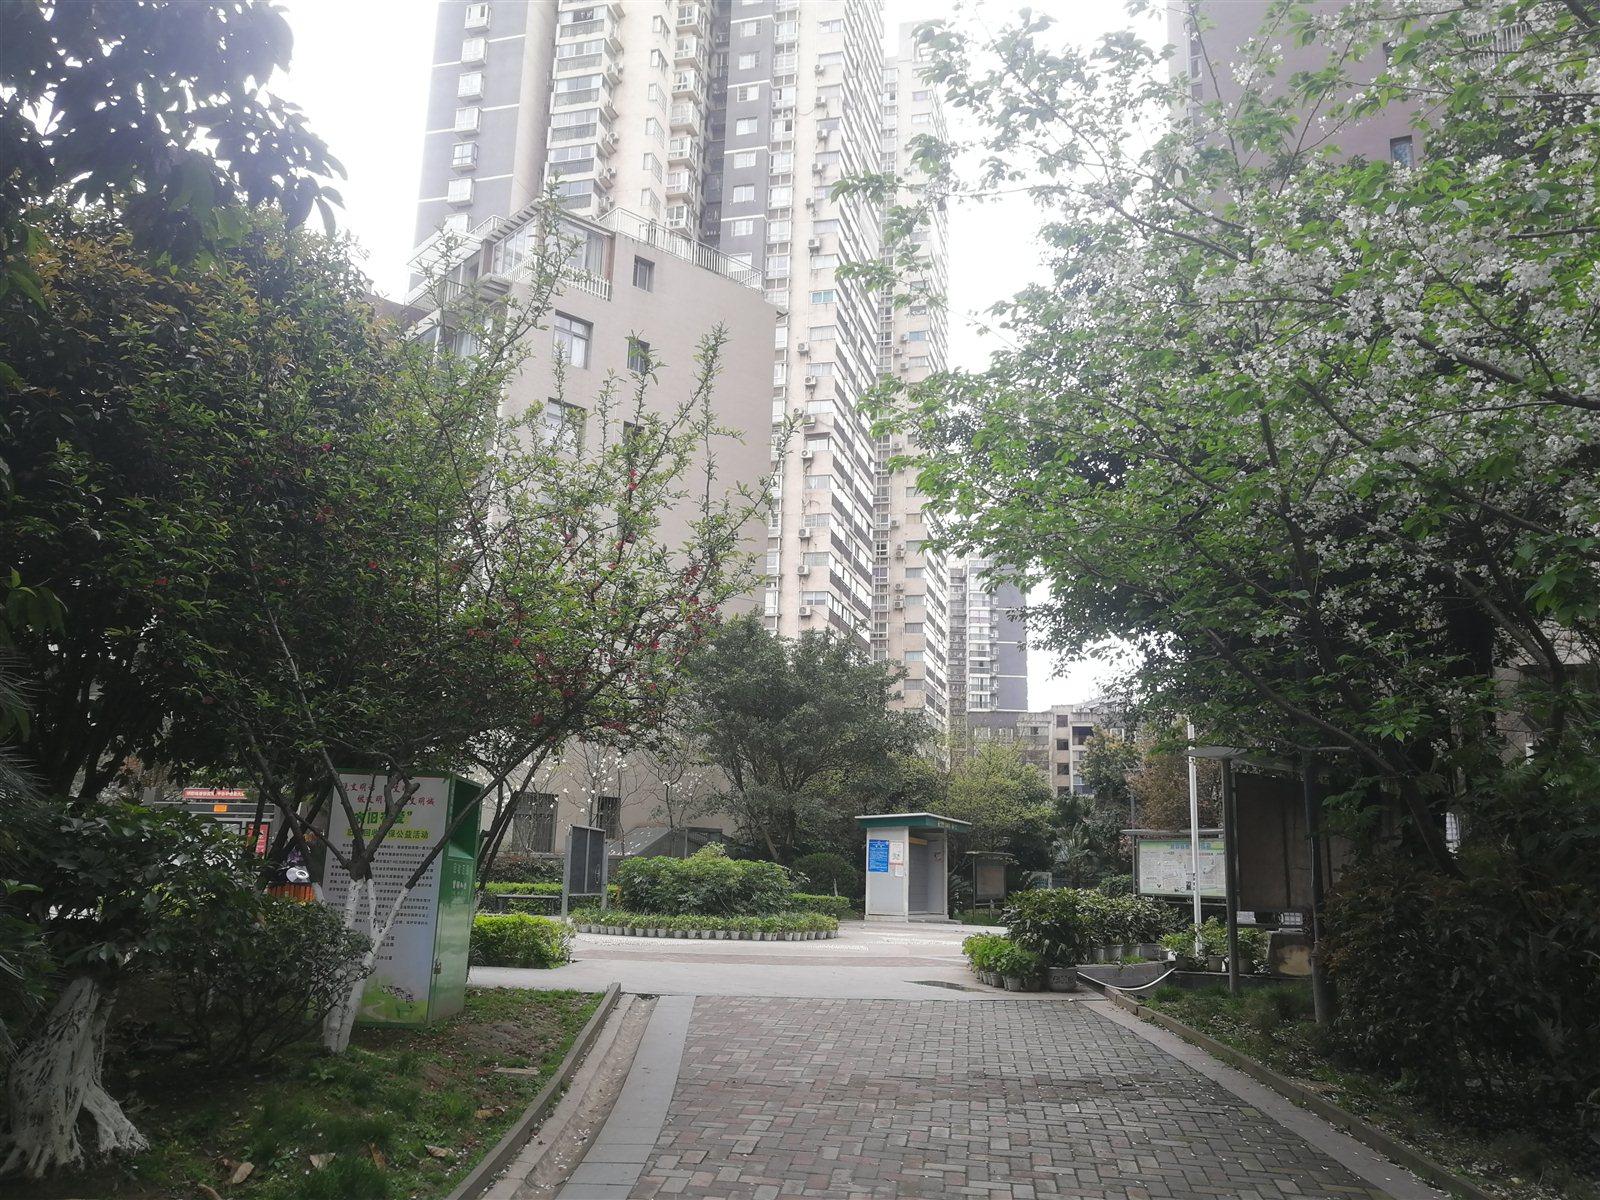 雍景湾小区  3室 2厅 2卫 精装修 可按揭